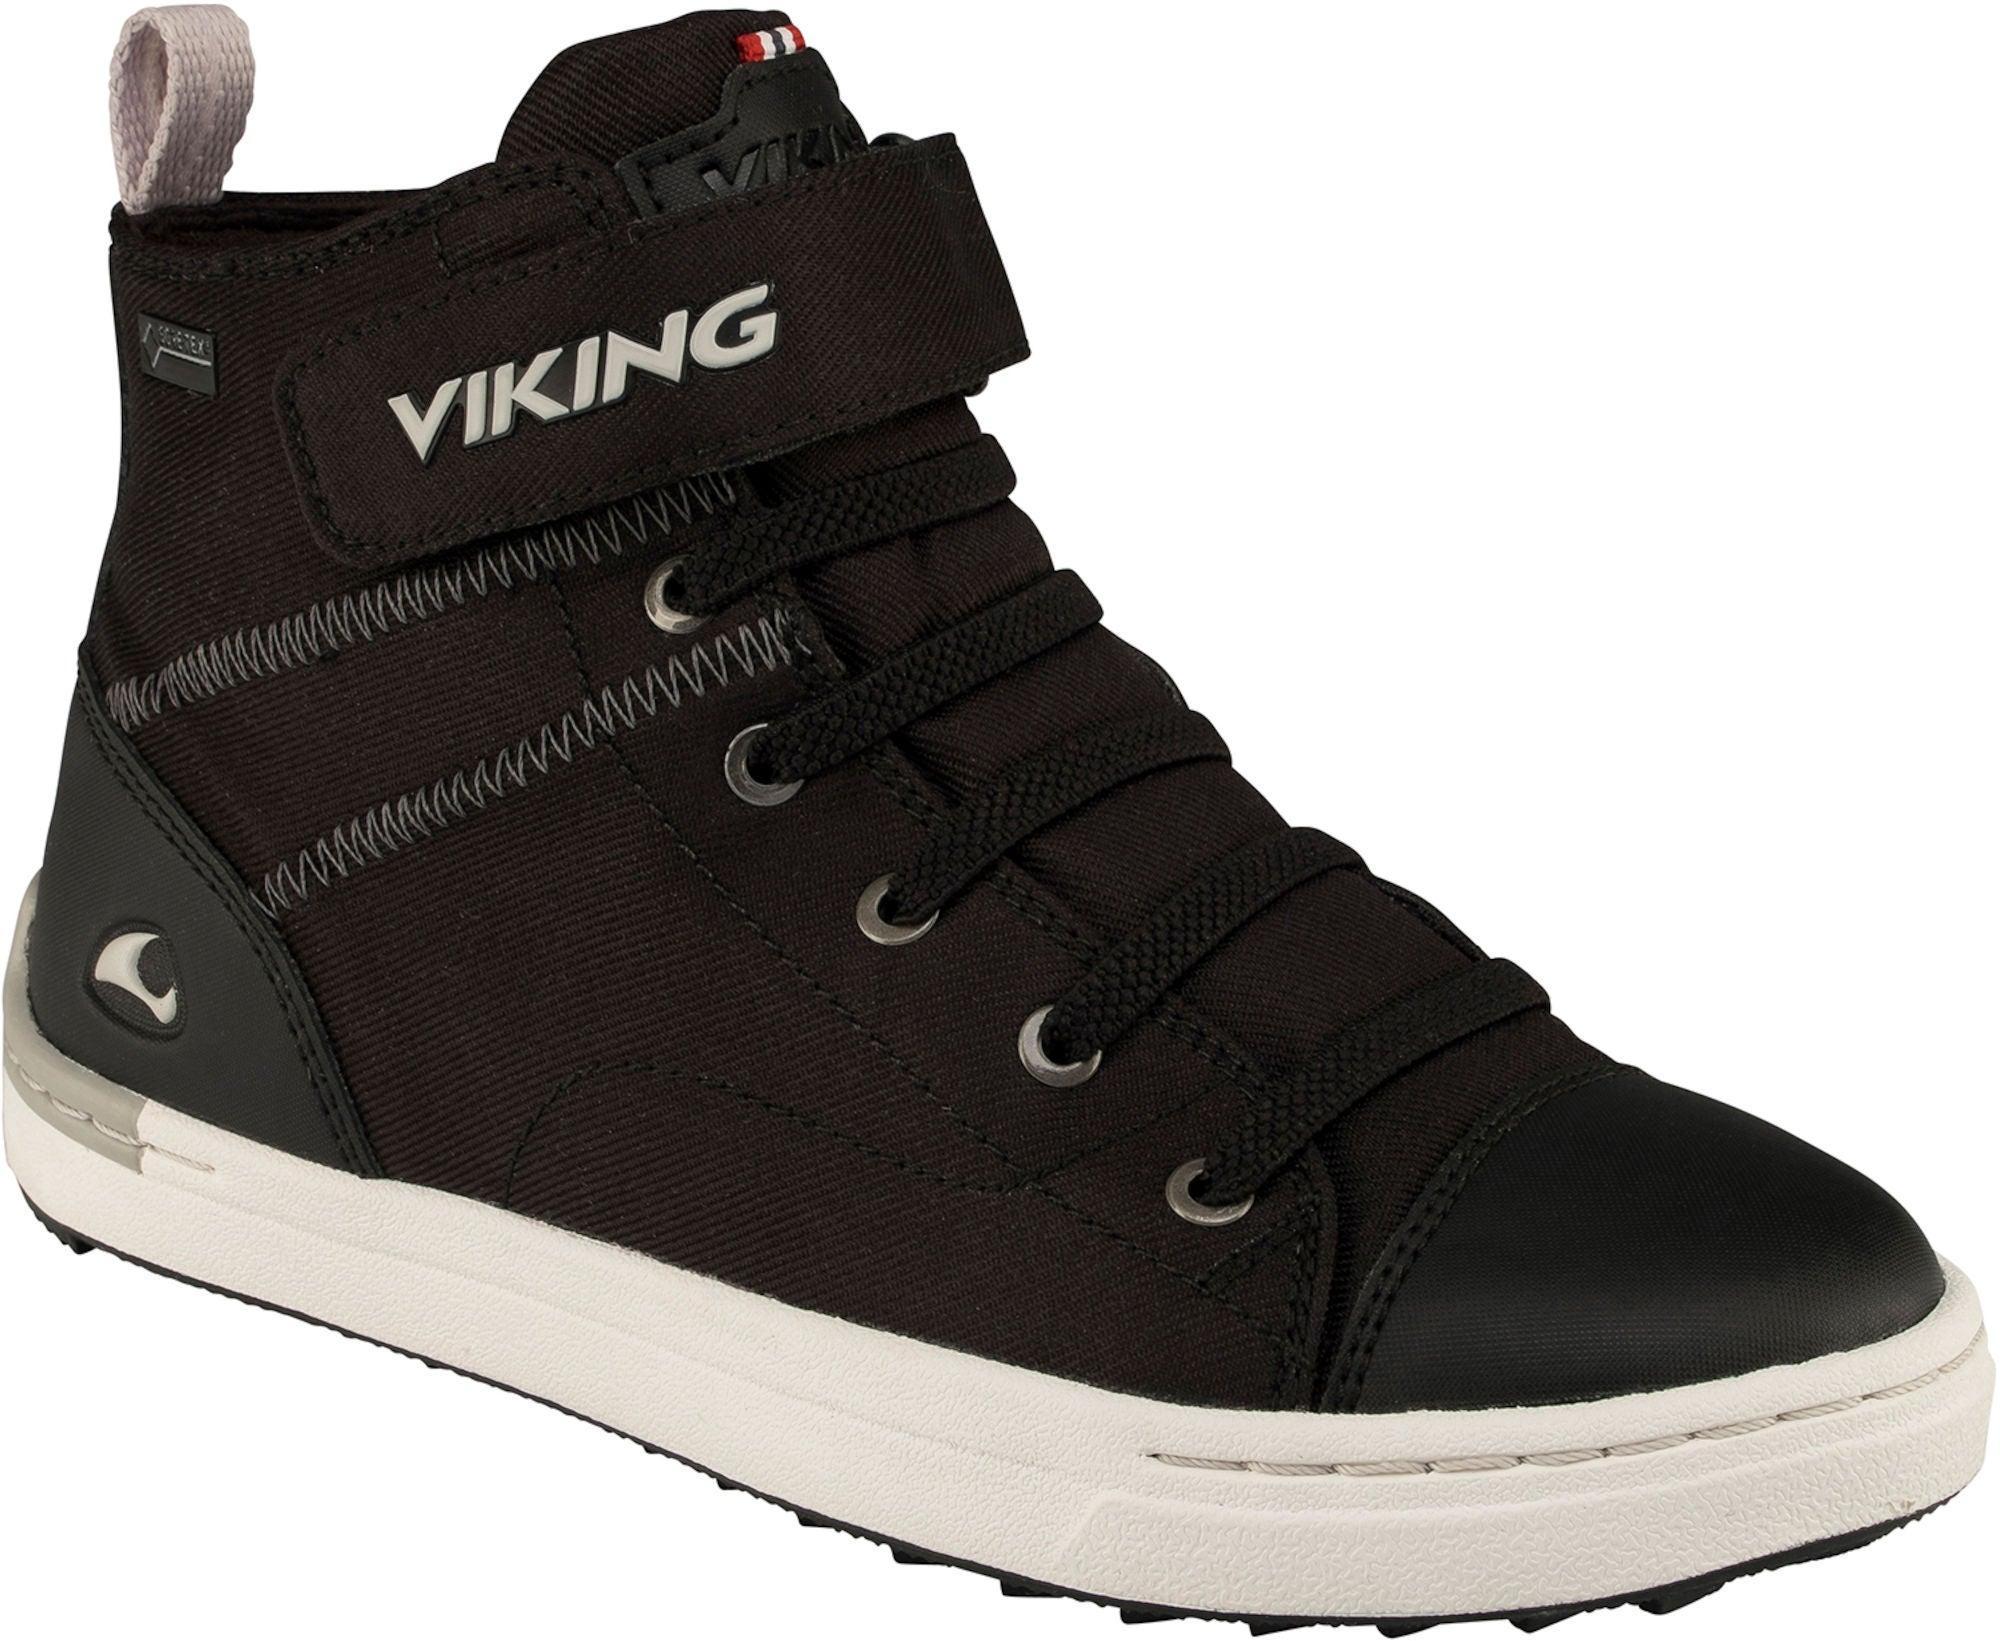 Viking, Svart, Skor Nordens största utbud av skor   FOOTWAY.se